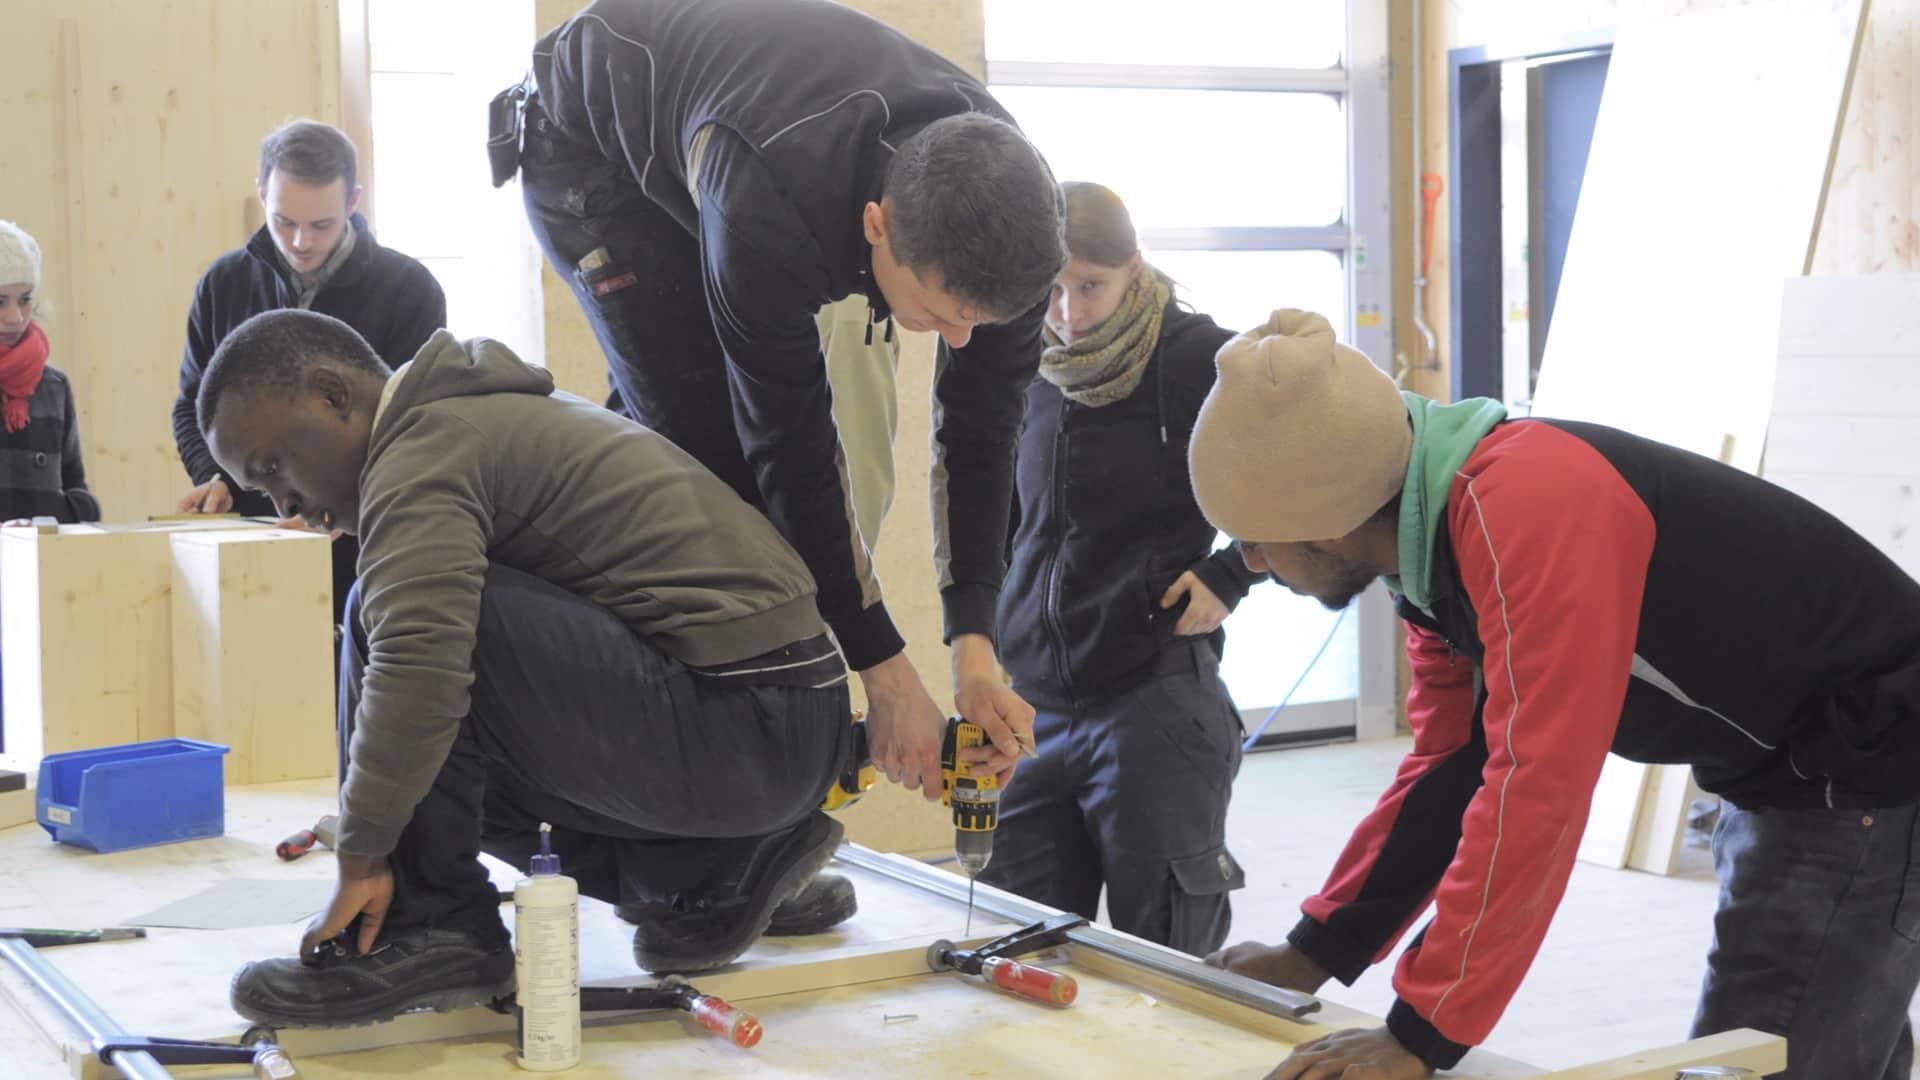 Helfer und Flüchtlinge packen gemeinsam an